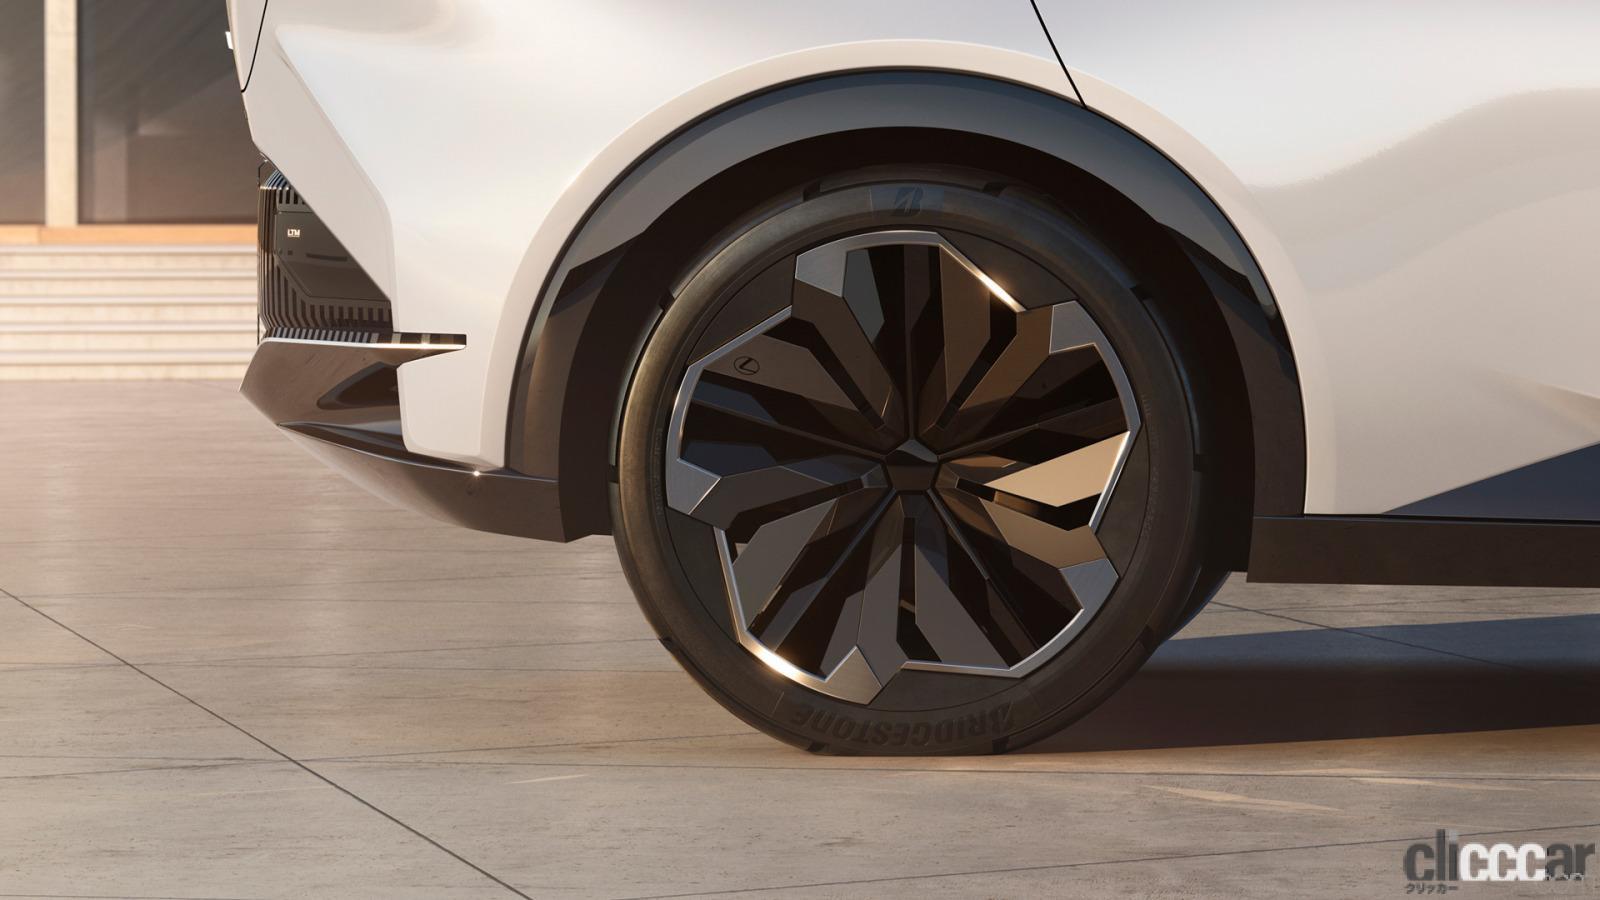 「四輪駆動力制御技術「DIRECT4」などによる自在な「LF-Z Electrified」の走りを支えるブリヂストンのコンセプトタイヤ」の1枚目の画像